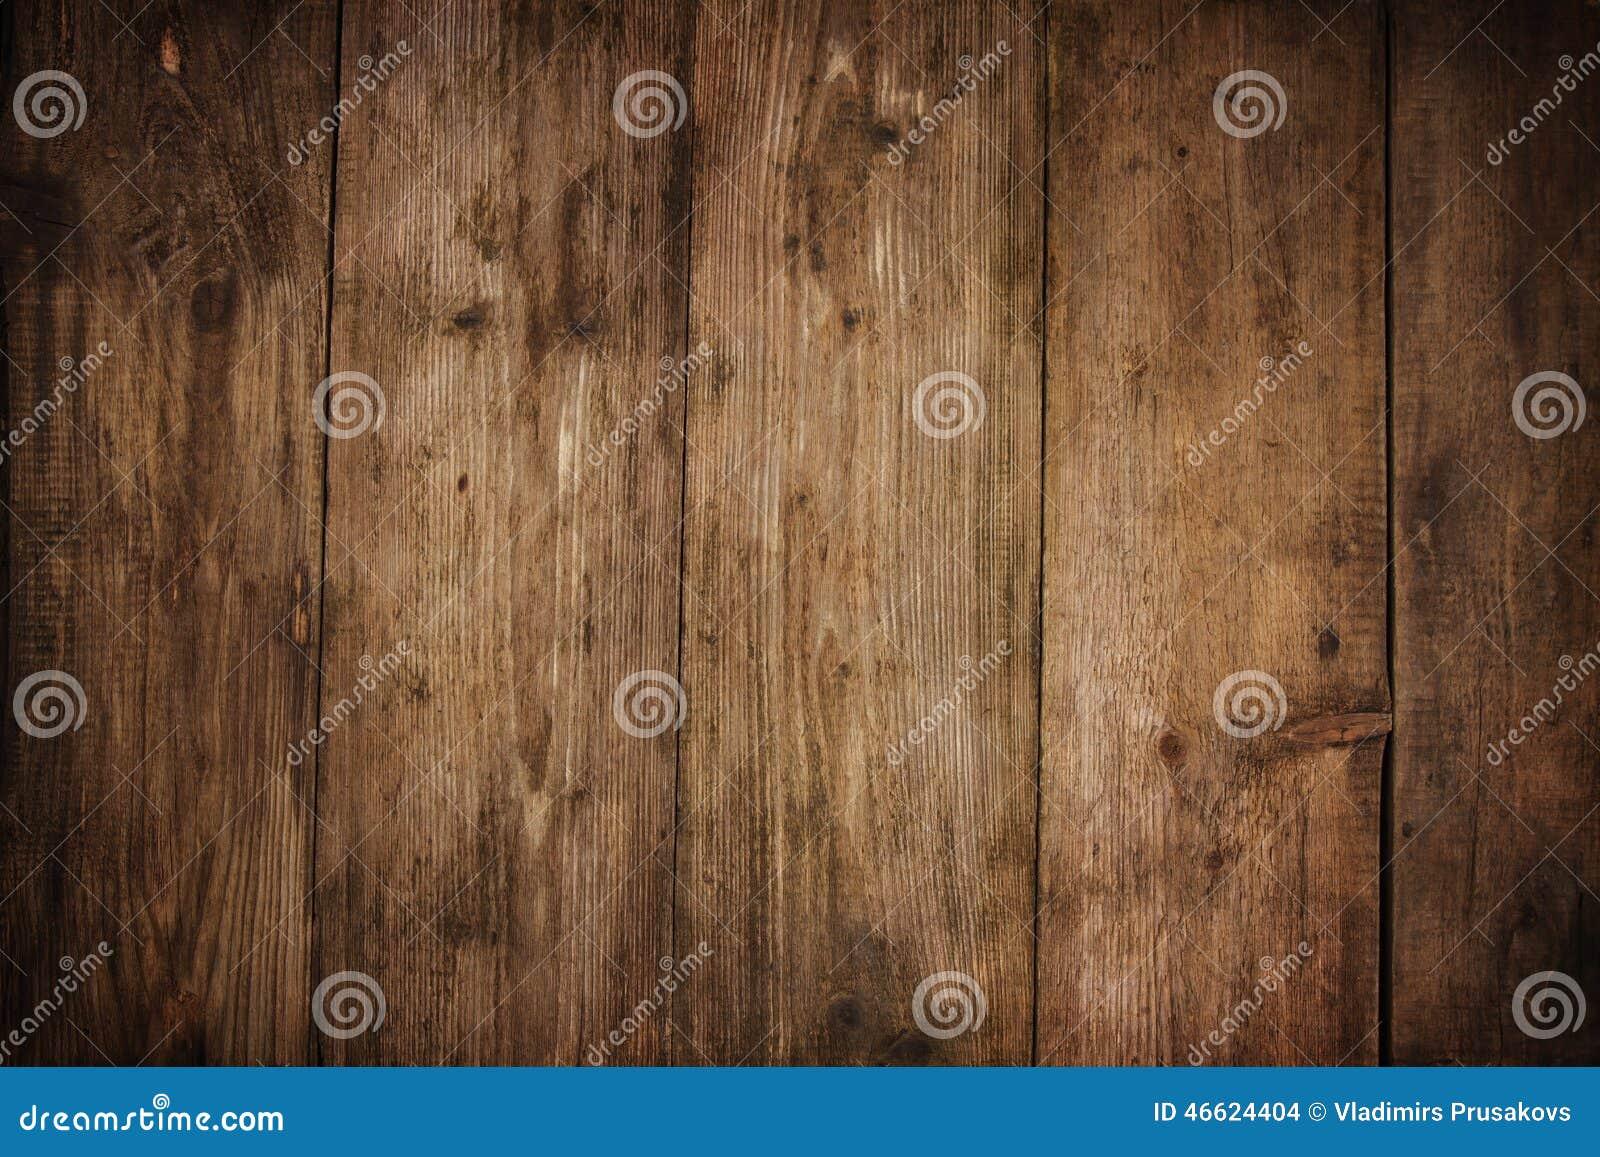 Wood bakgrund för texturplankakorn, träskrivbordtabell eller golv